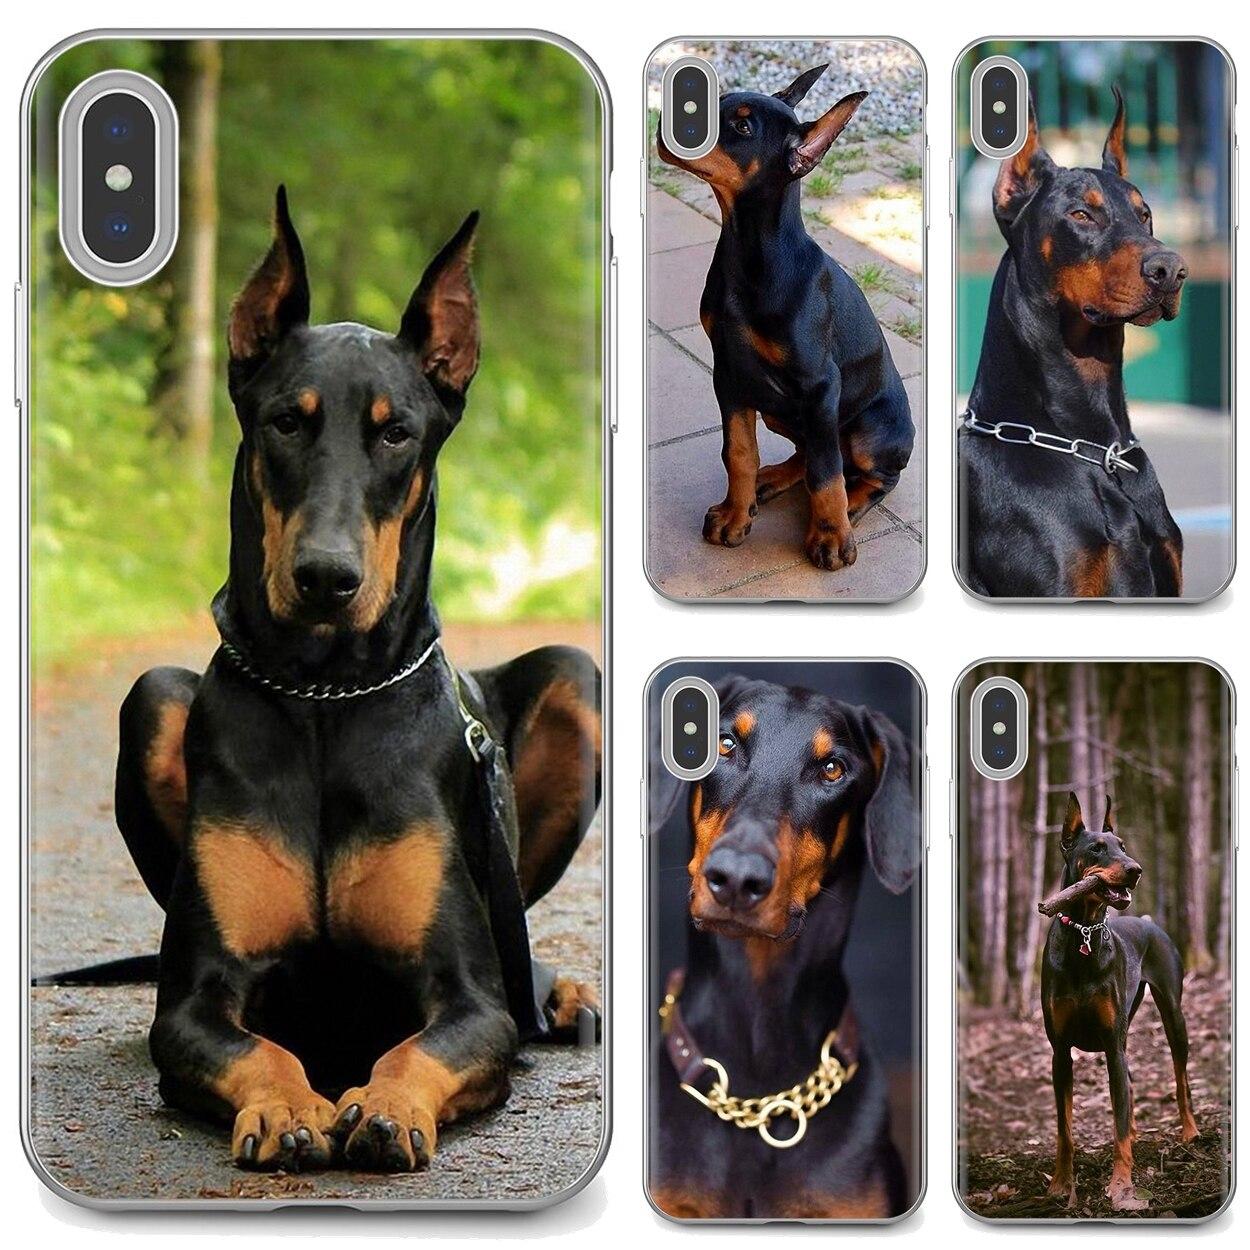 Para Samsung Galaxy A10 A30 A40 A50 A60 A70 S6 activo Nota 10 Plus M30 suave caso Pinscher perro dóberman lengua cara arte